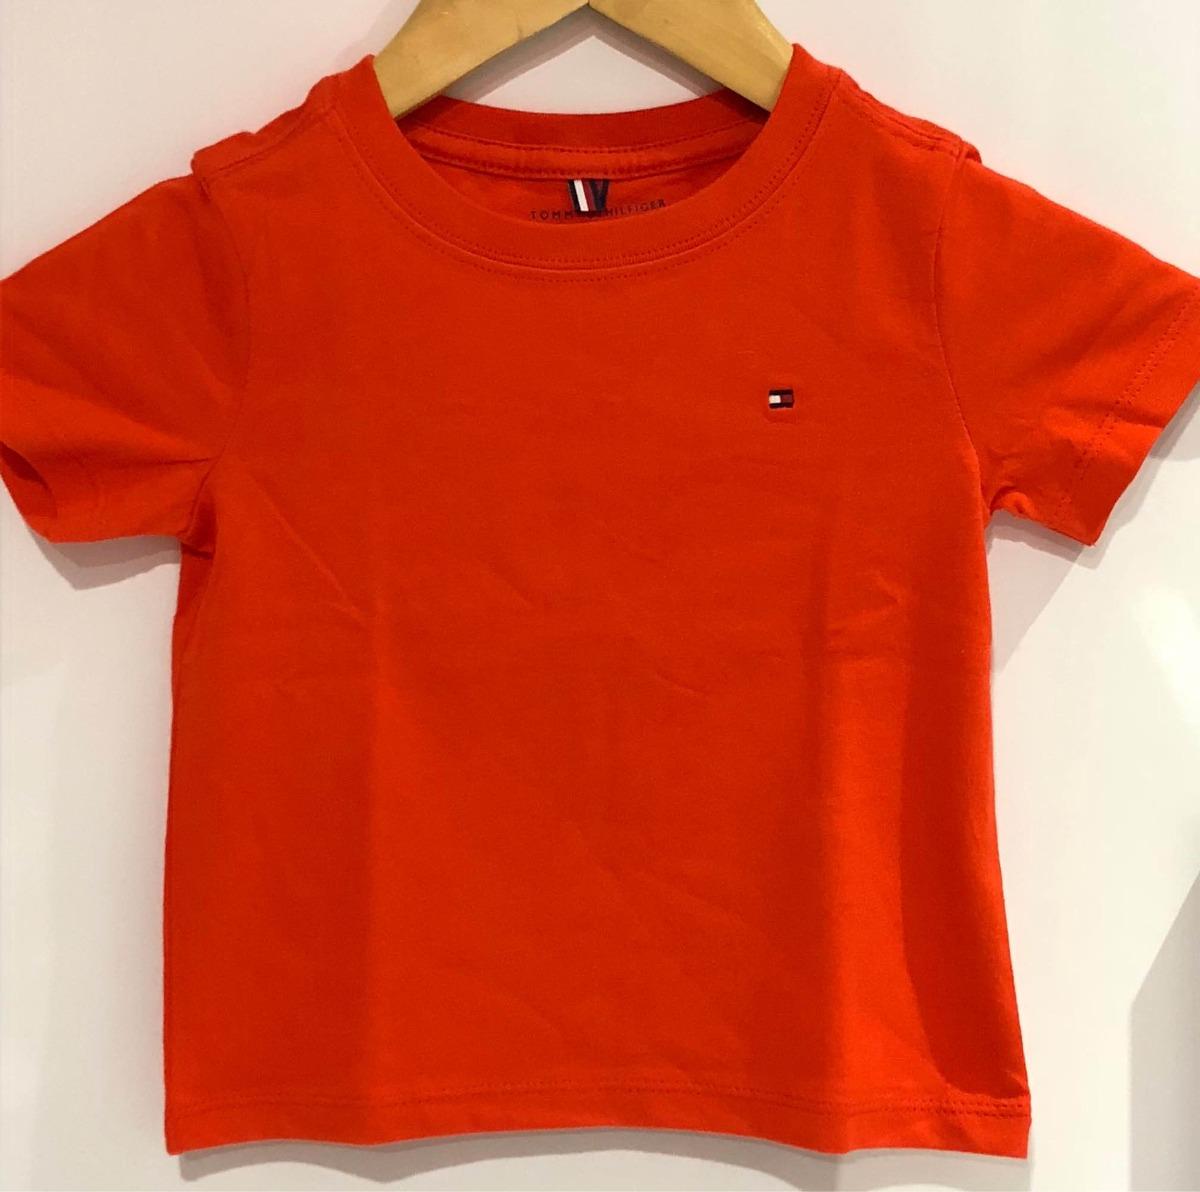 camisa lisa baby infantil tommy hilfiger original. Carregando zoom. b2f6f6a4992c1